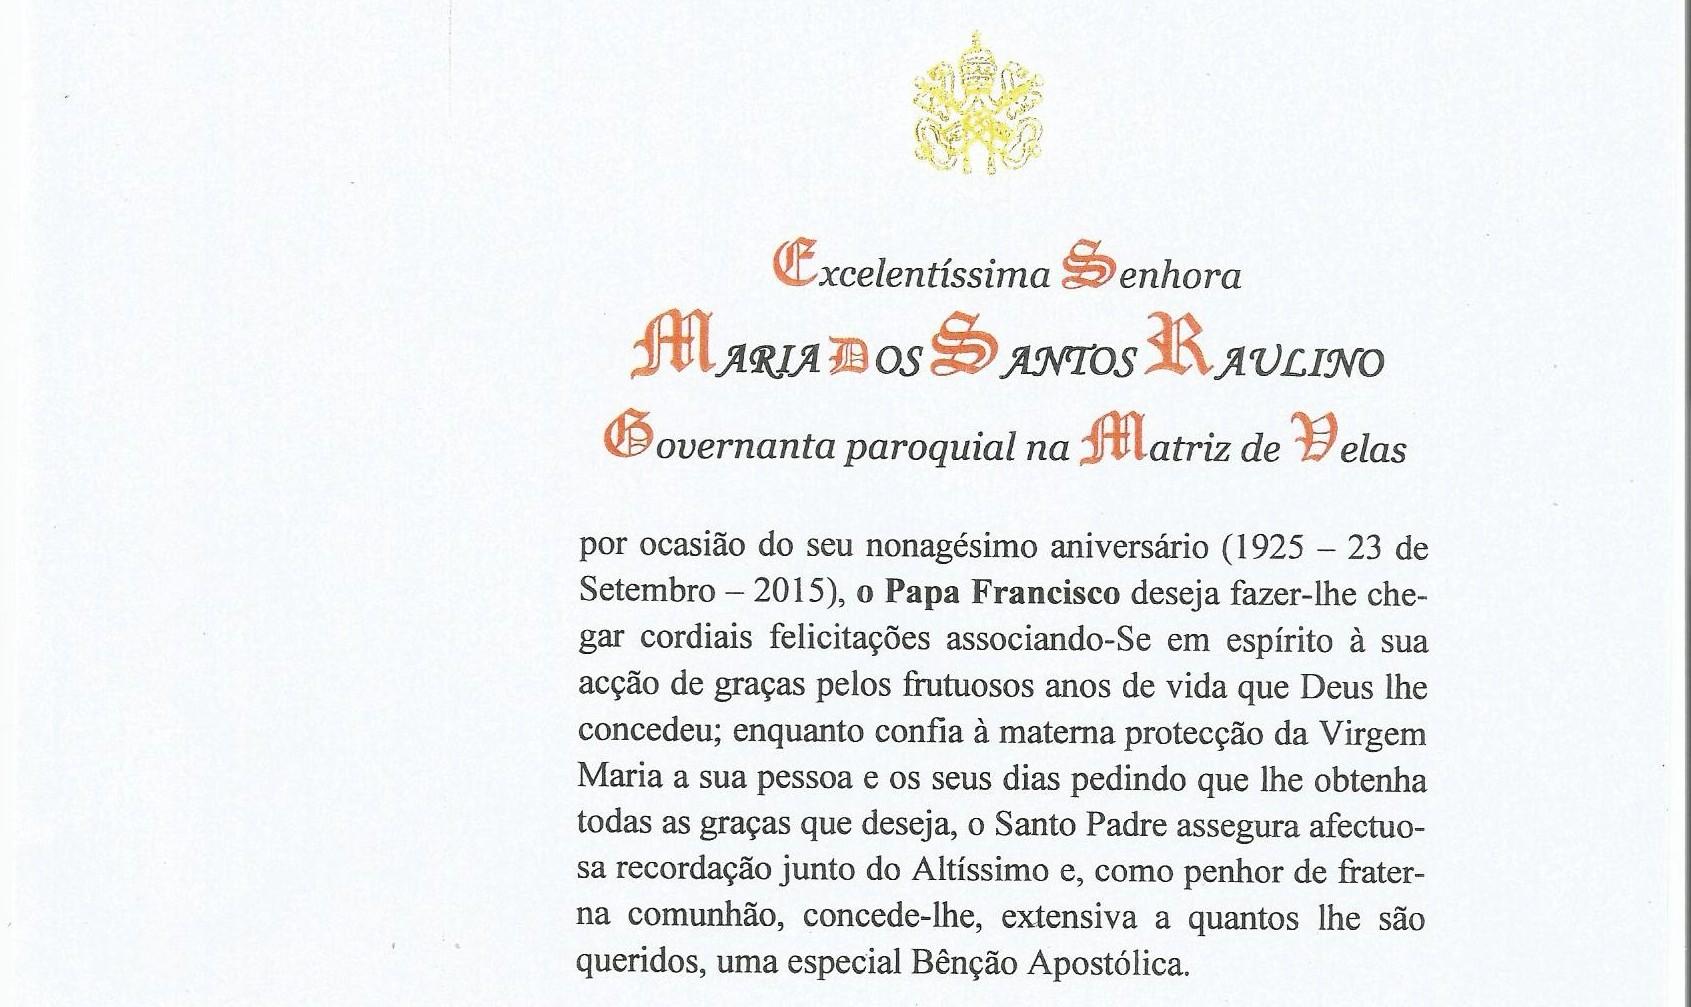 Maria Raulino, Governanta Paroquial, é homenageada com carta do Papa Francisco nos seus 90 anos (c/áudio)